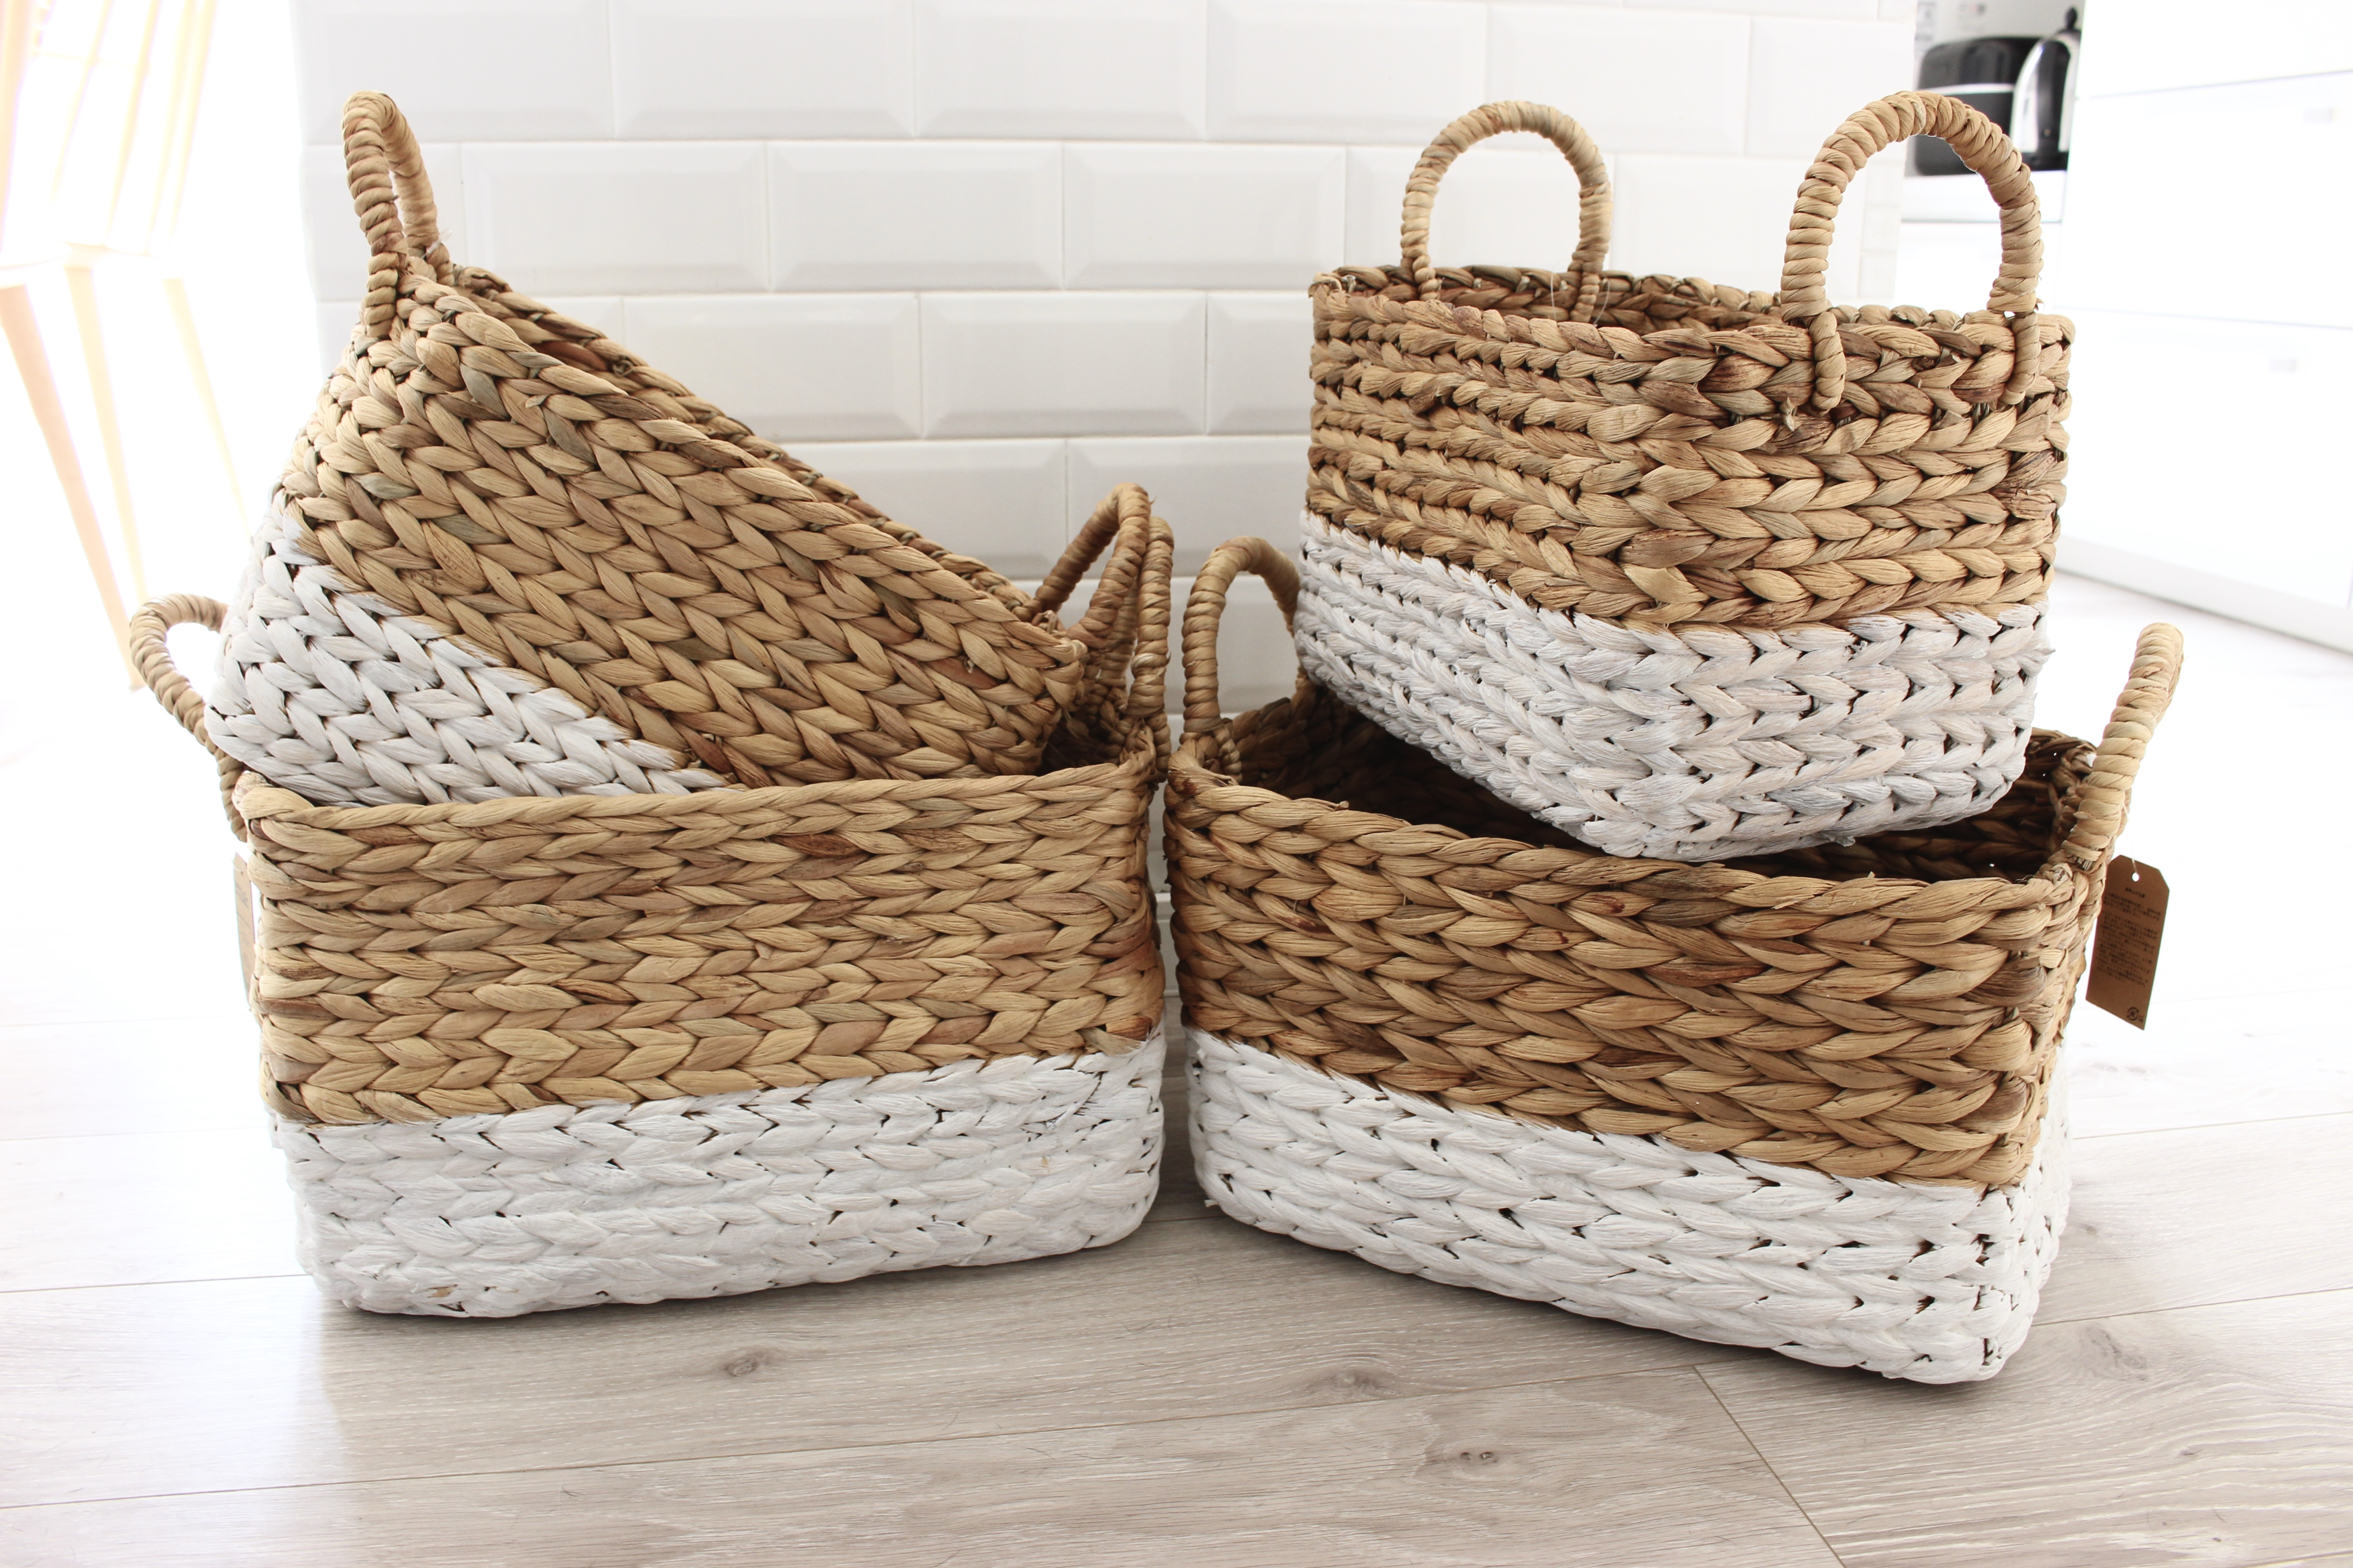 洗面所のタオル収納方法*バスケットに入れるだけでちょっとオシャレに♪